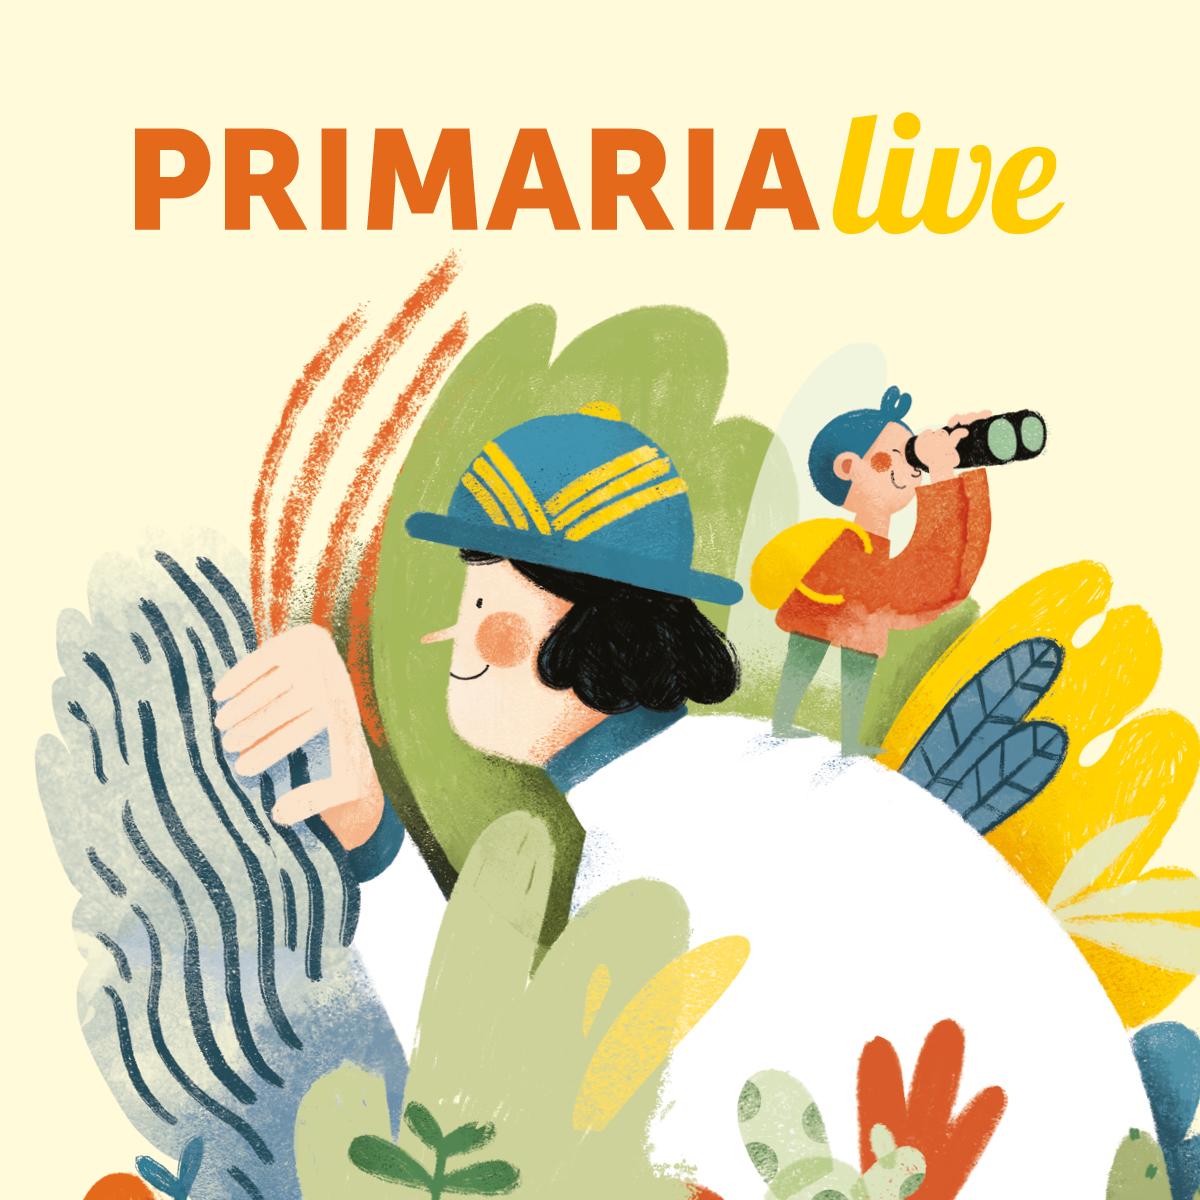 Primaria Live 19/03